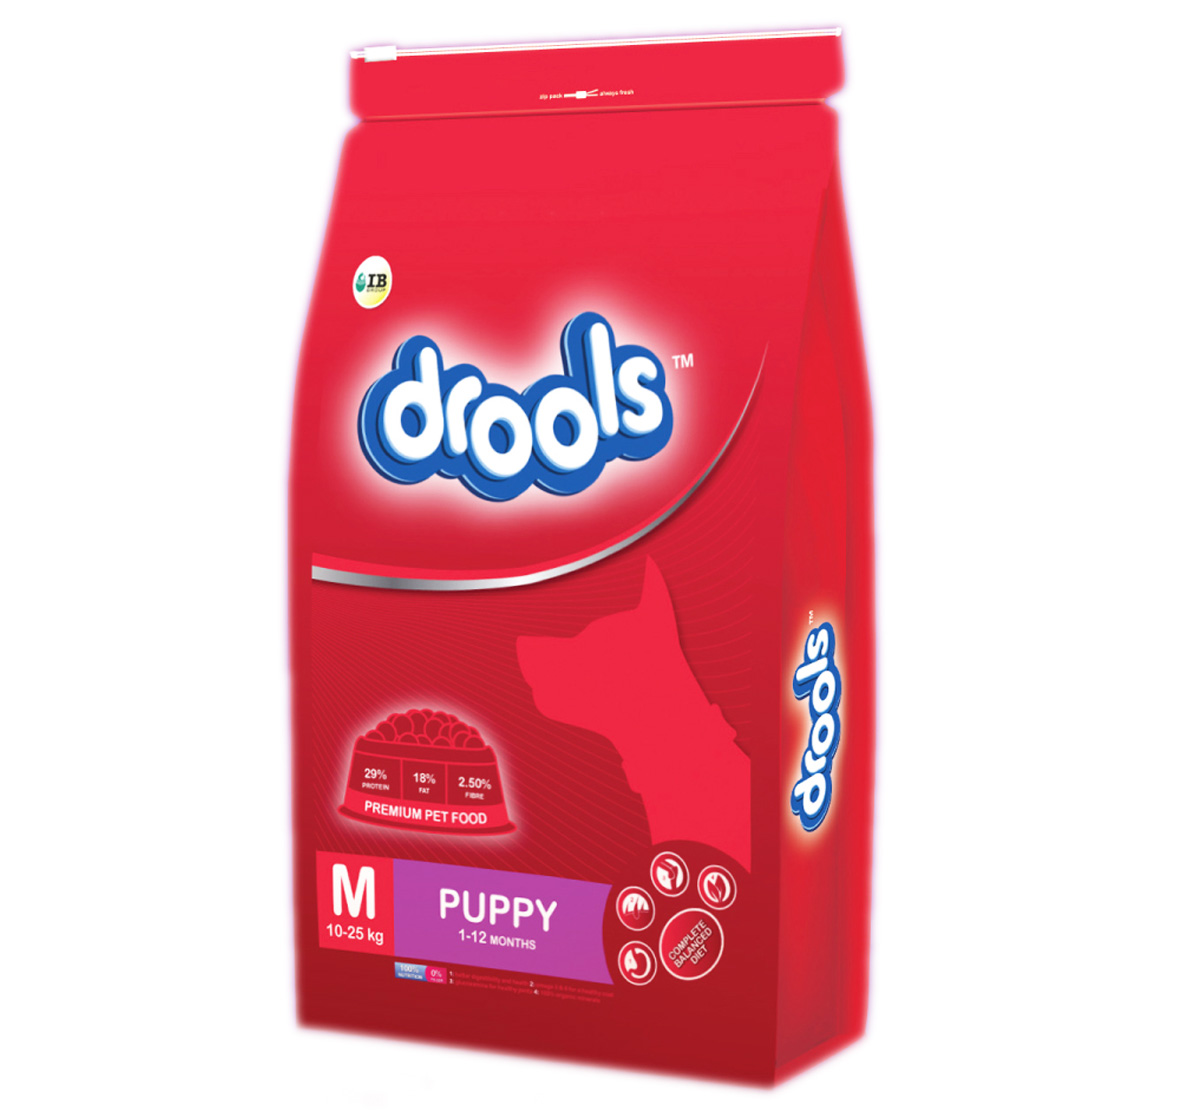 Is Drools A Good Dog Food